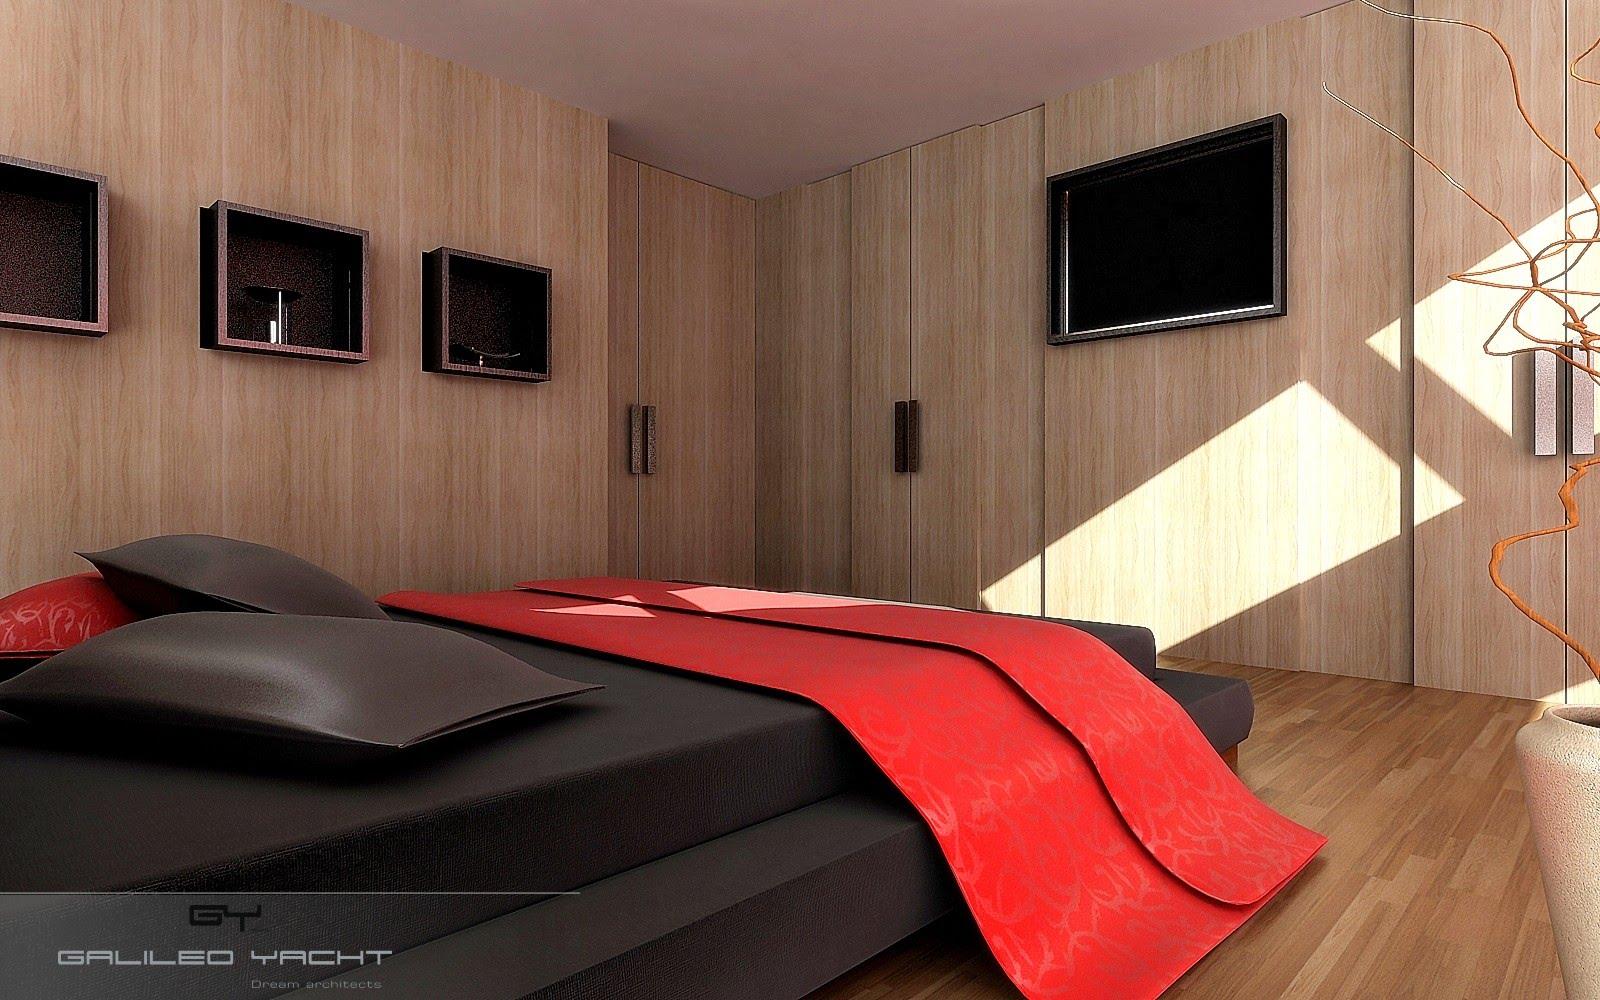 gr goire jeanmaire architecte interieur design interieur d 39 un yacht. Black Bedroom Furniture Sets. Home Design Ideas